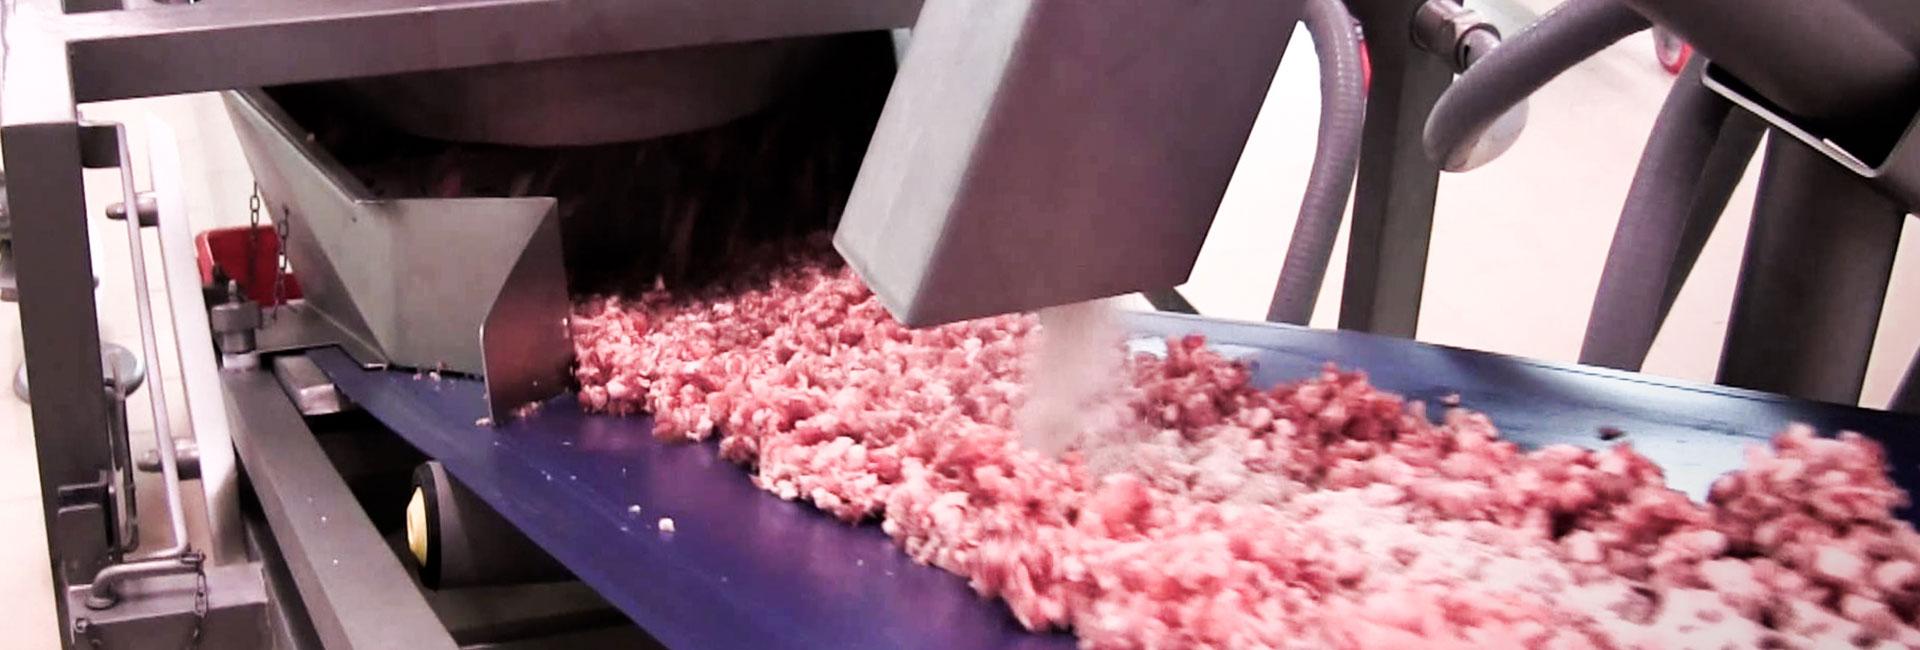 Costruttori di macchine per la lavorazione della carne